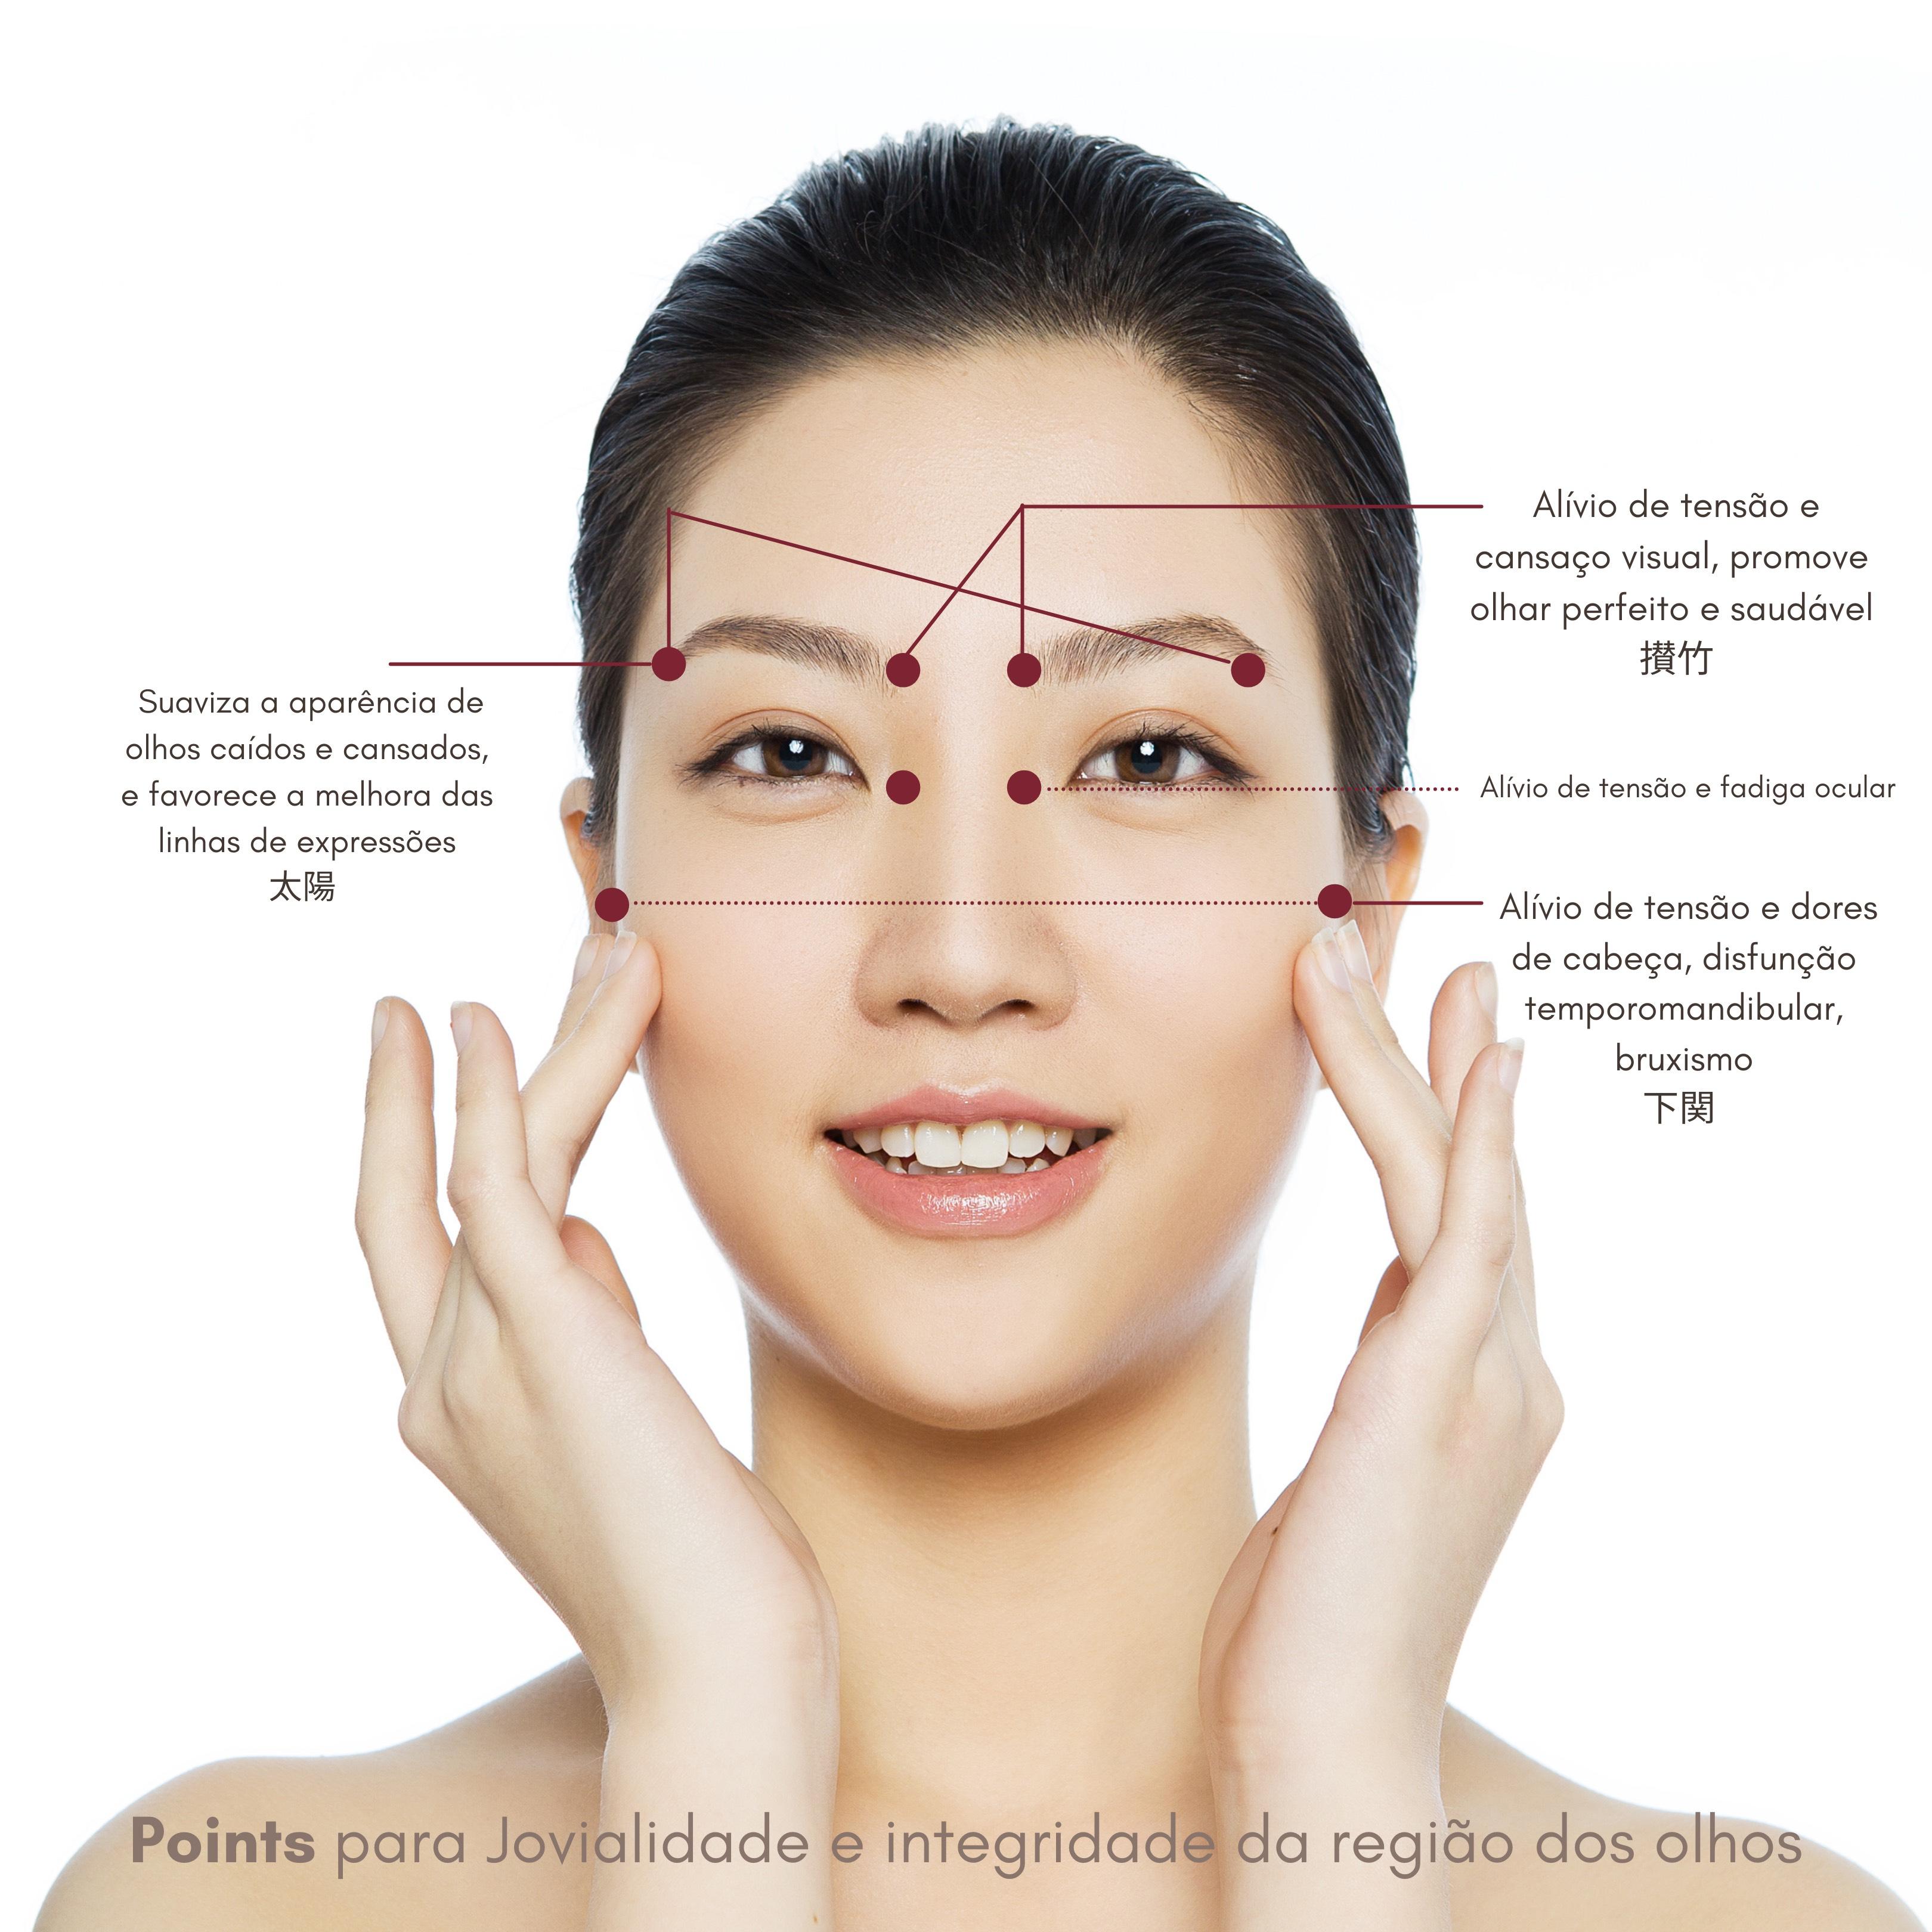 telegram A melhor massagem facial | BOA FORMA